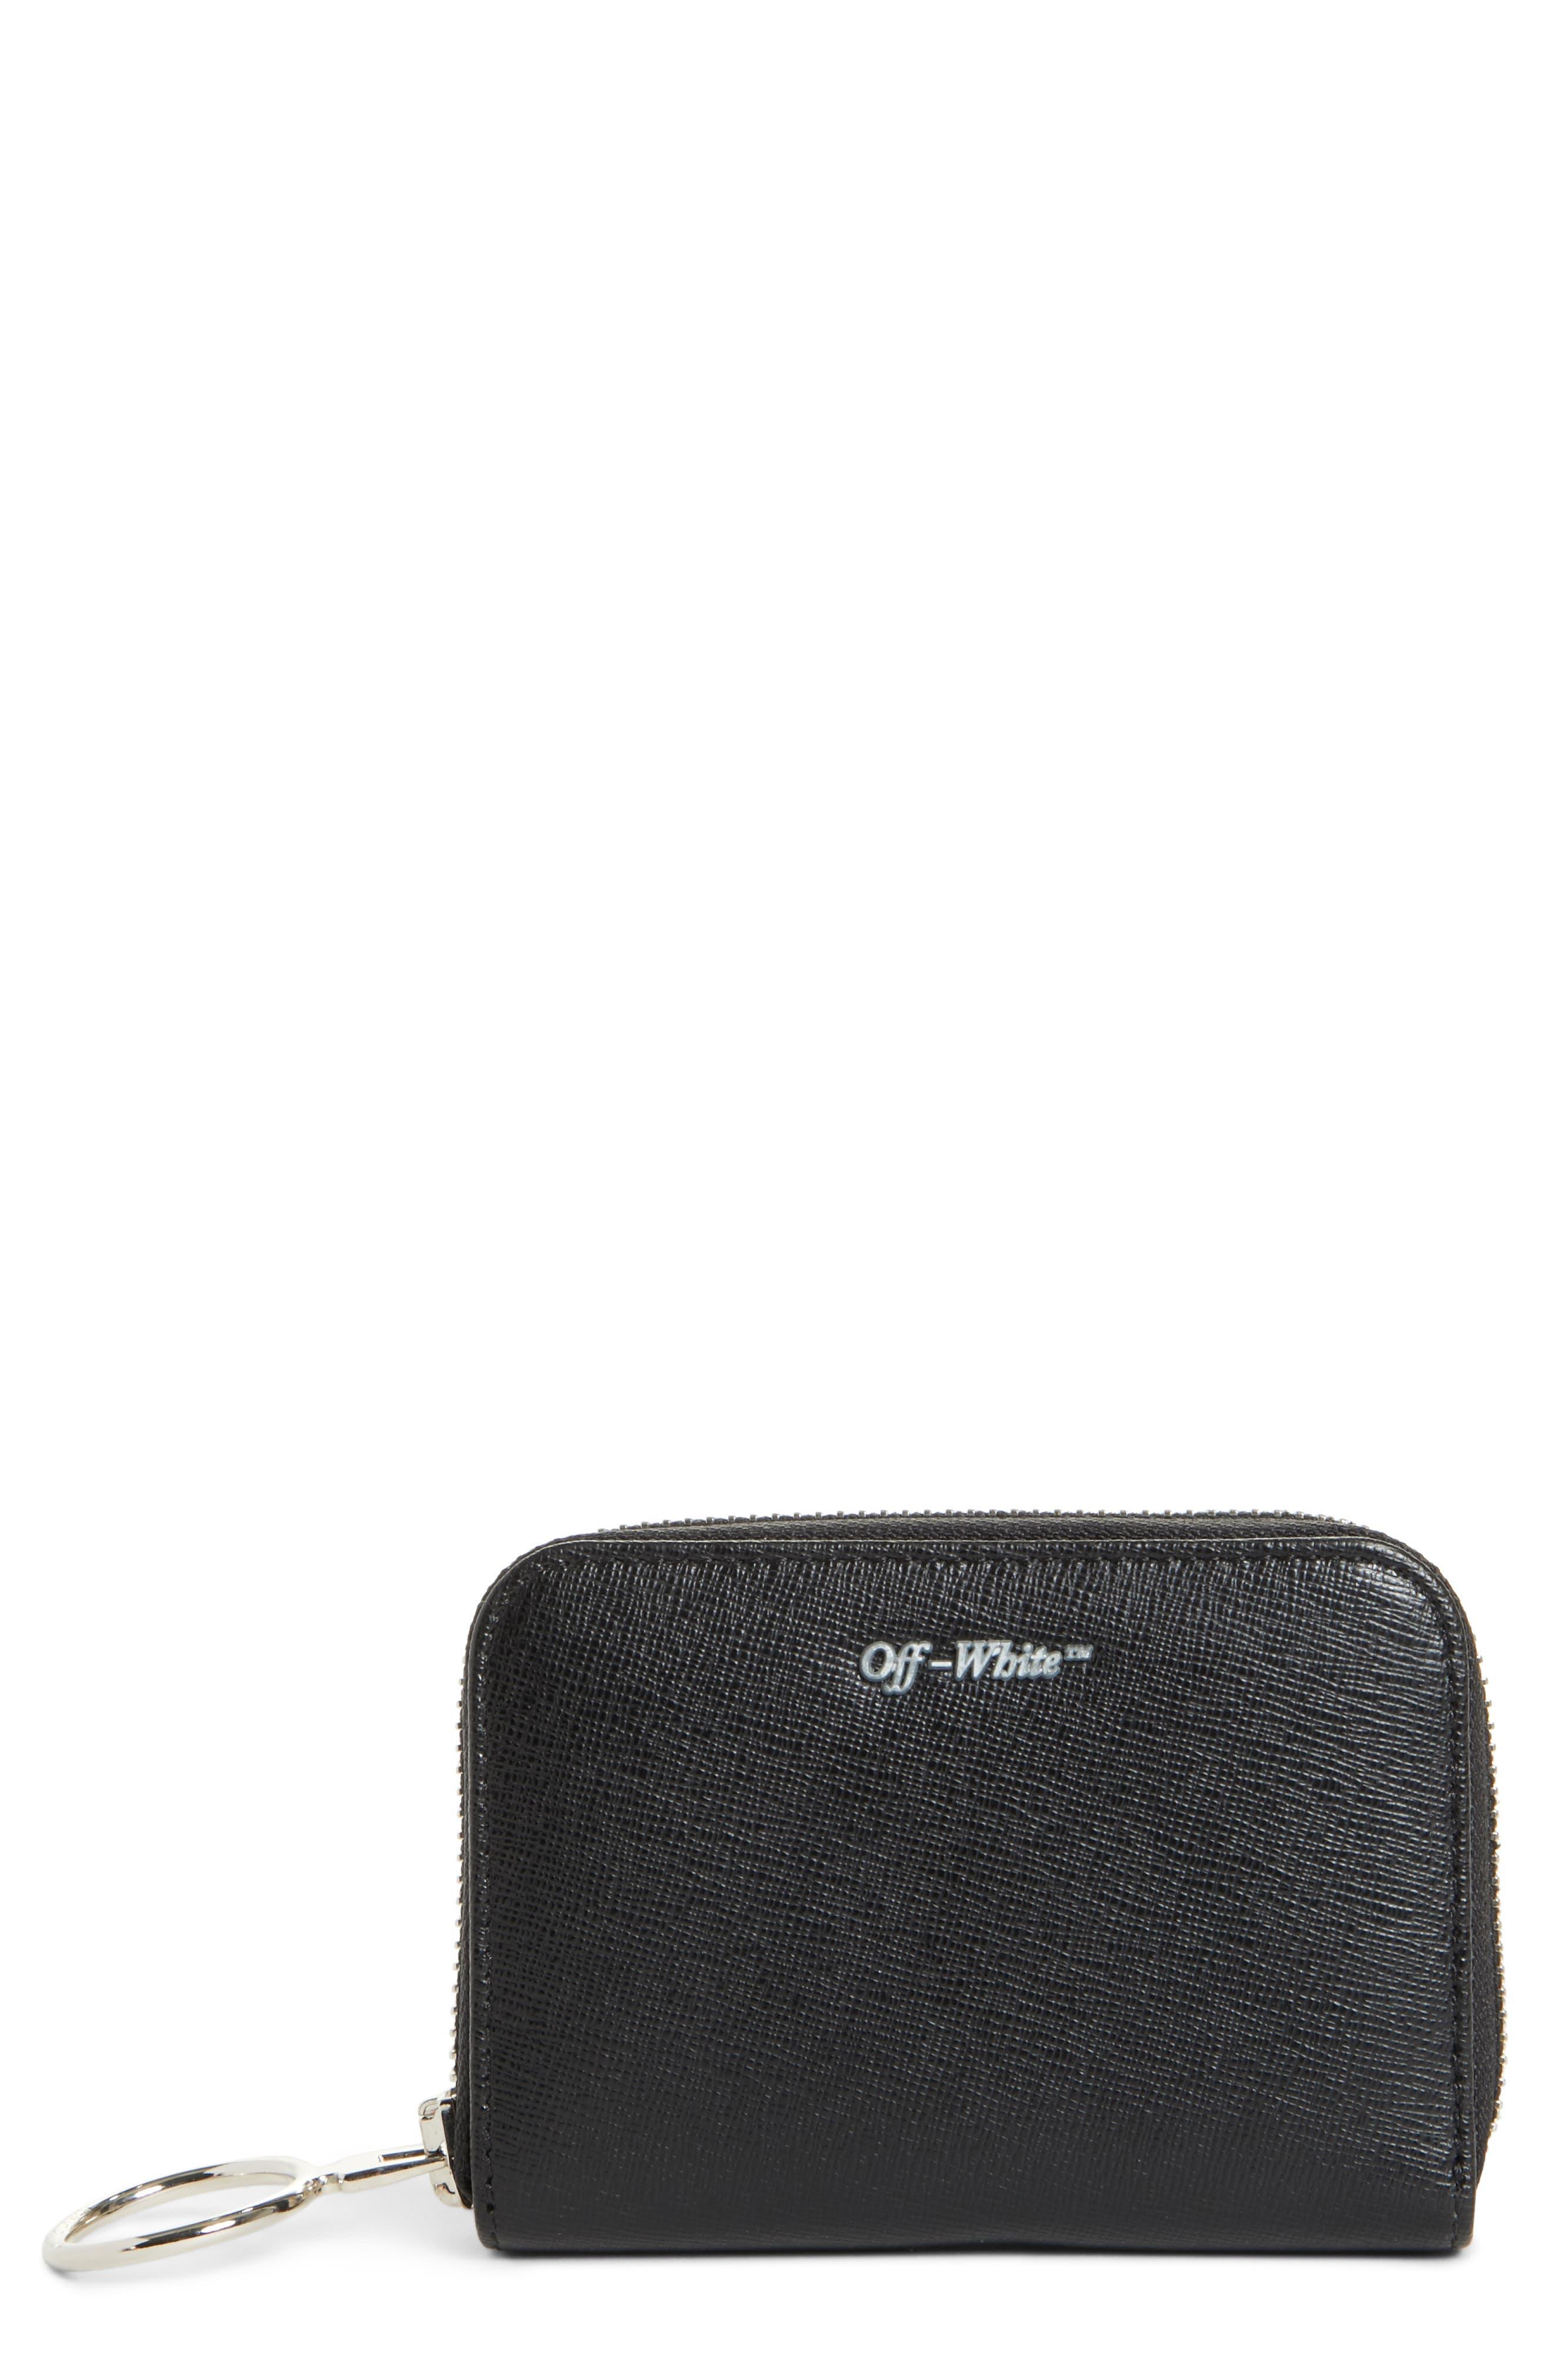 Medium Zip Wallet,                         Main,                         color, 001